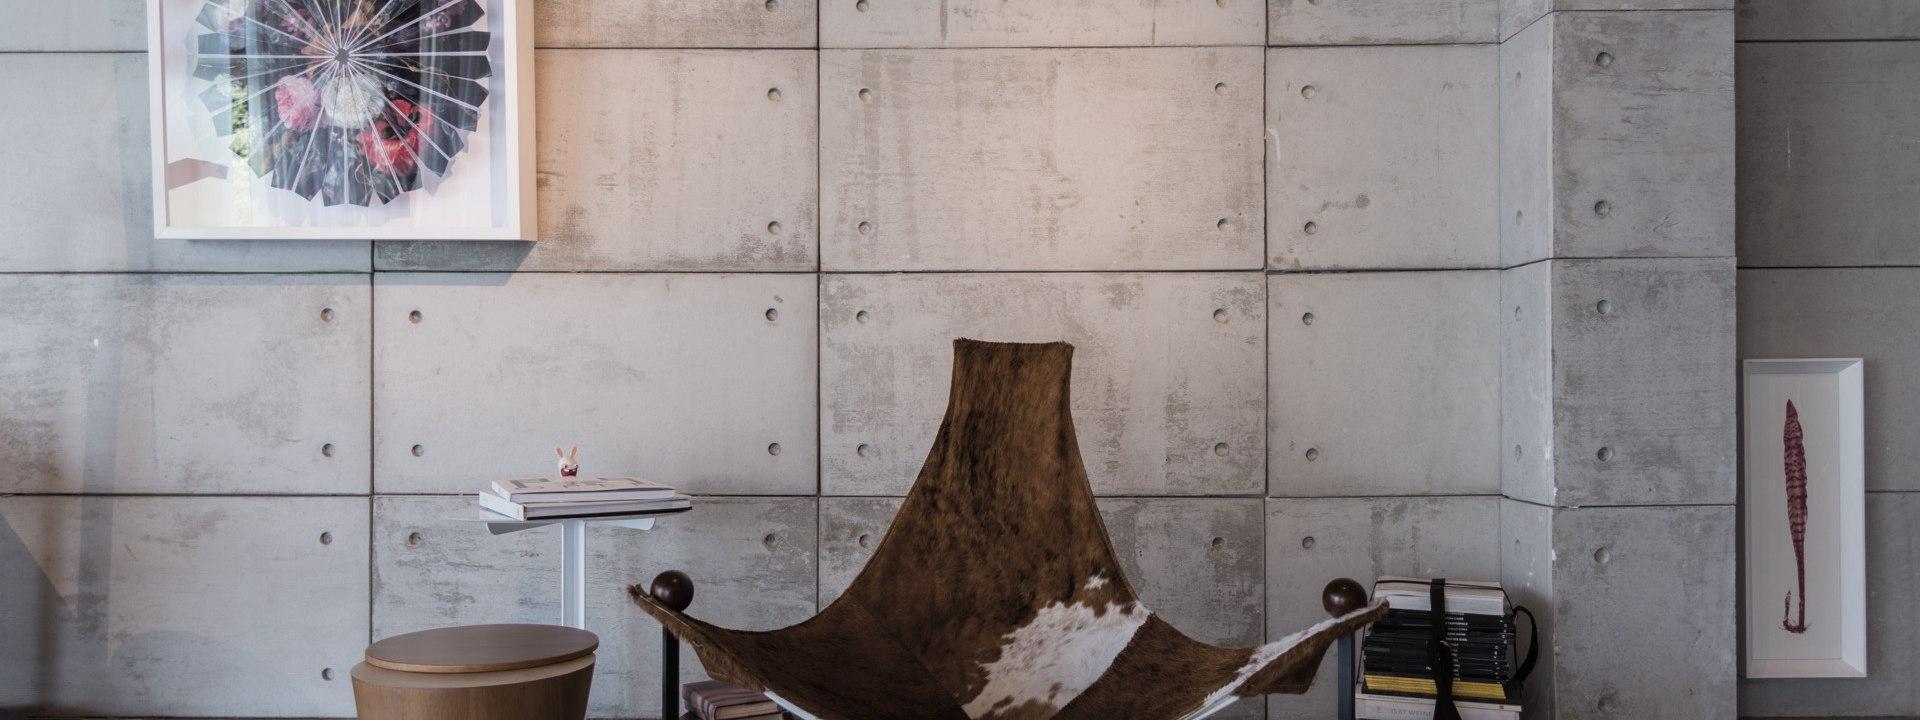 Wandlfiese aus Beton - Architekturbeton von GODELMANN